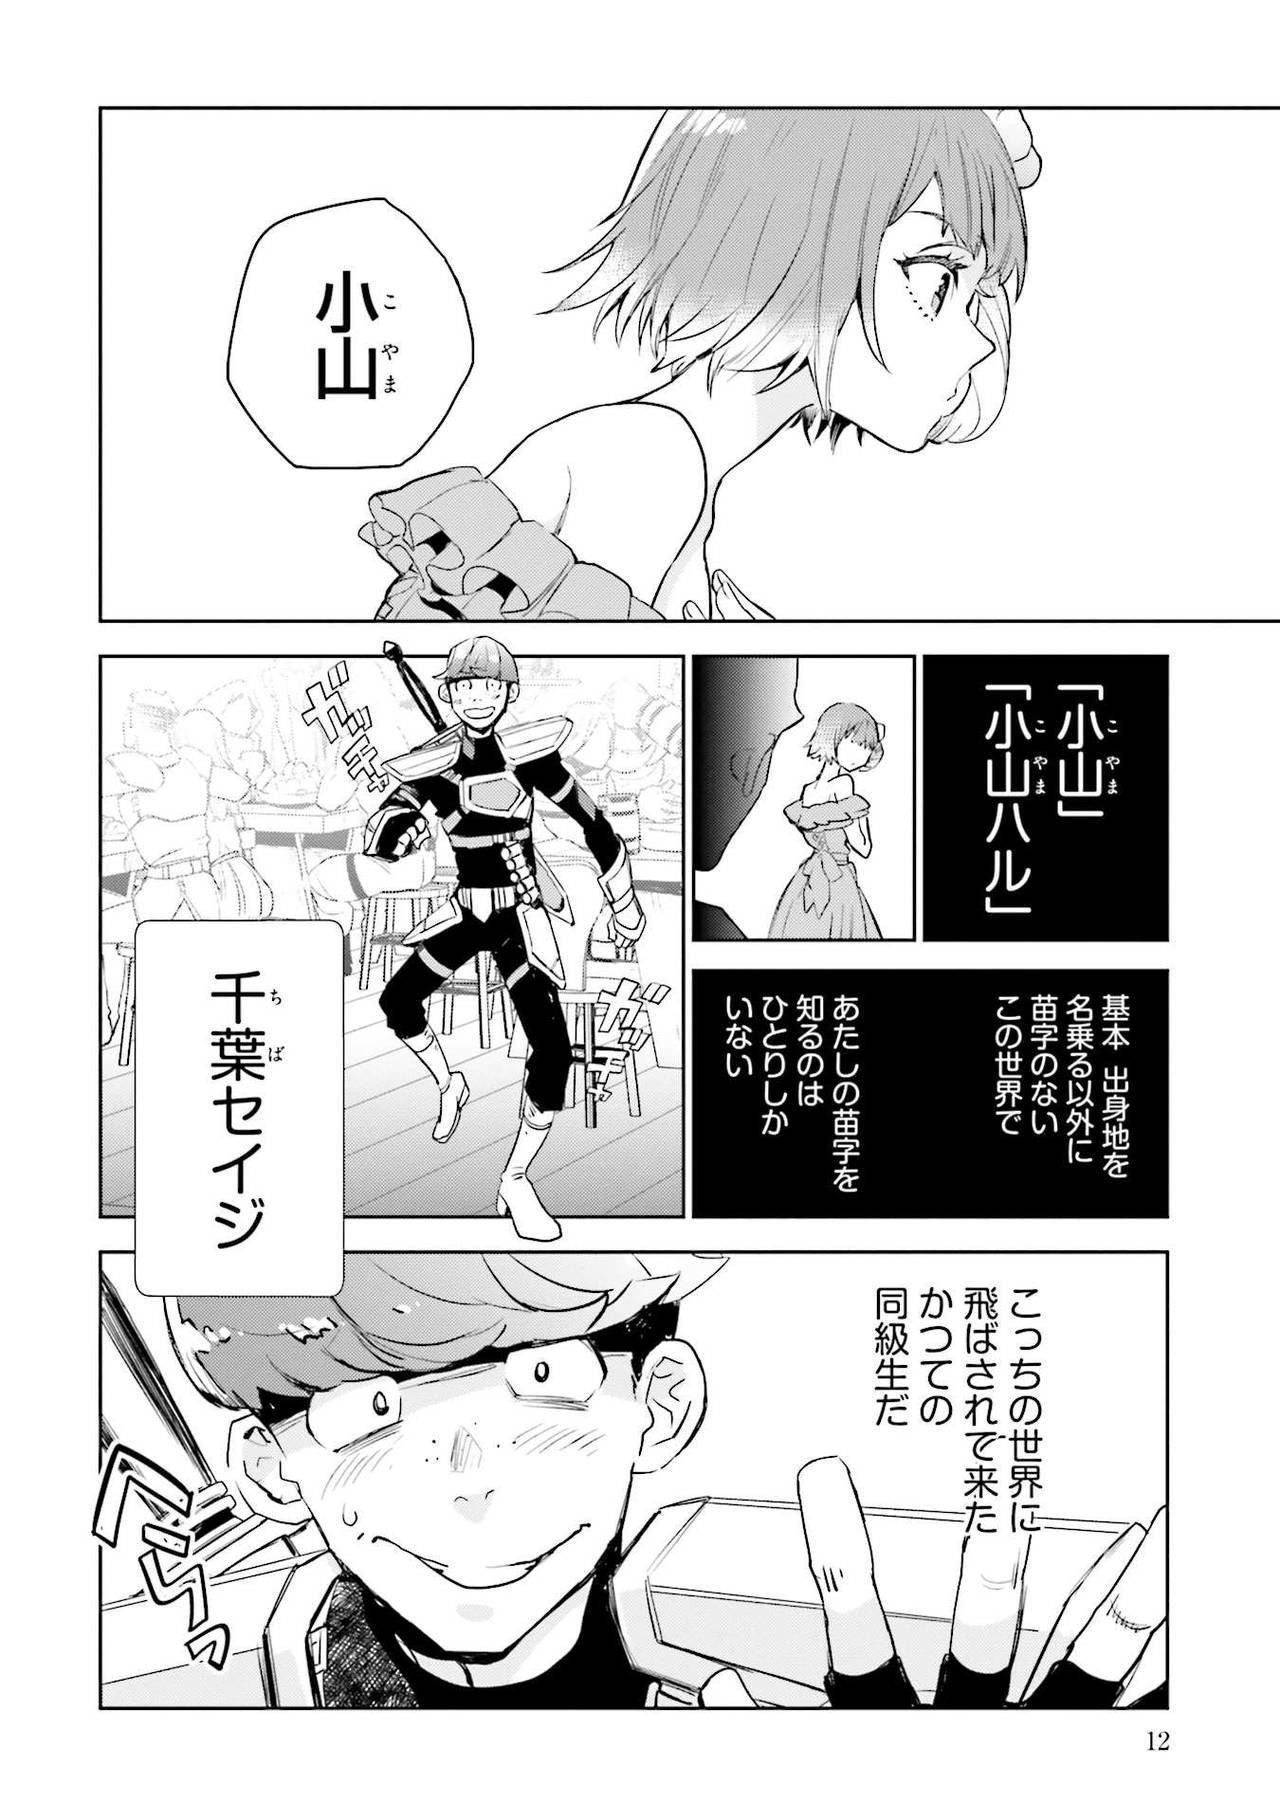 JK Haru wa Isekai de Shoufu ni Natta 1-14 13